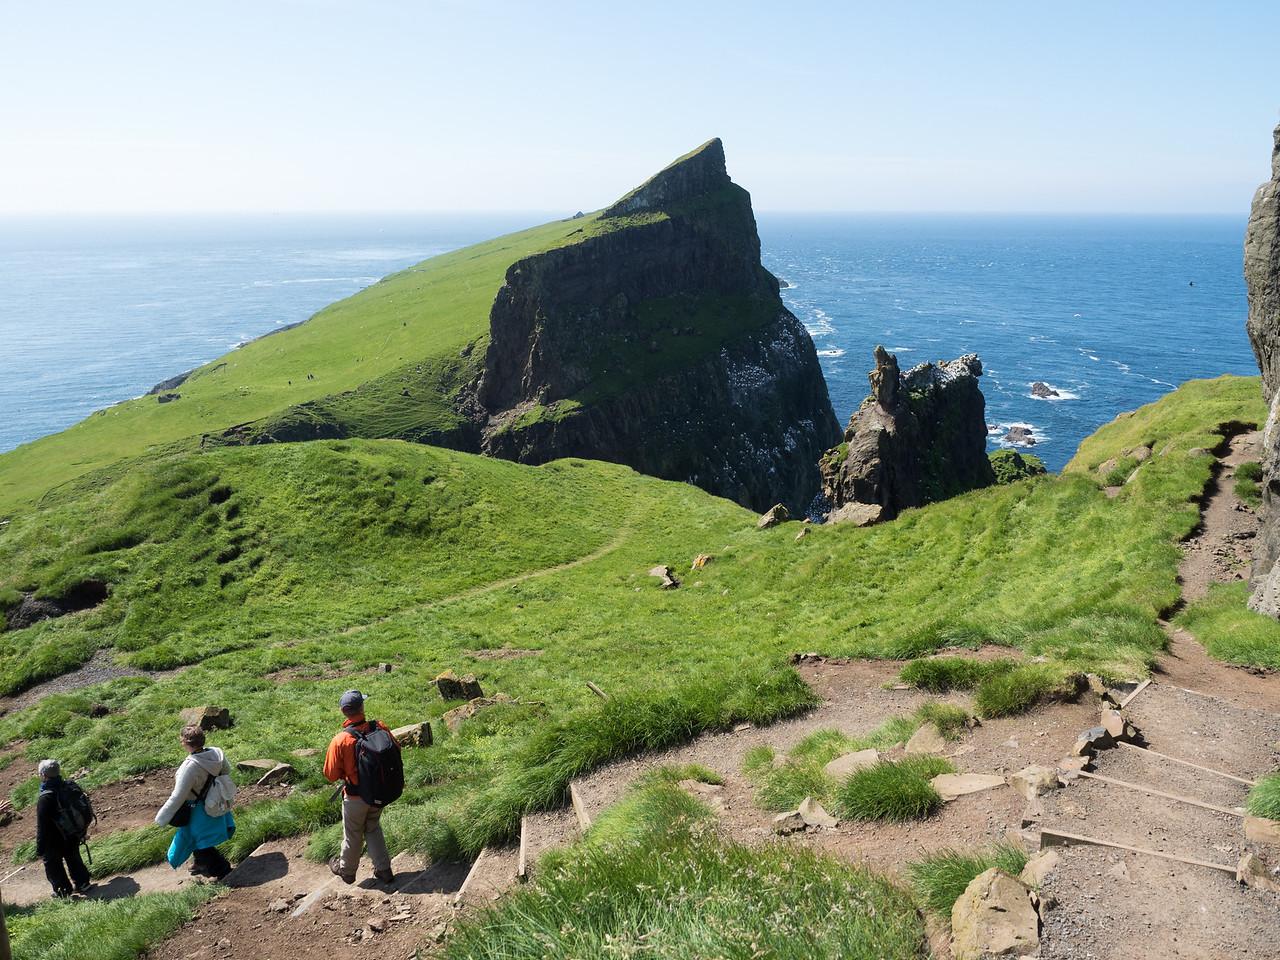 Hiking Mykines in the Faroe Islands